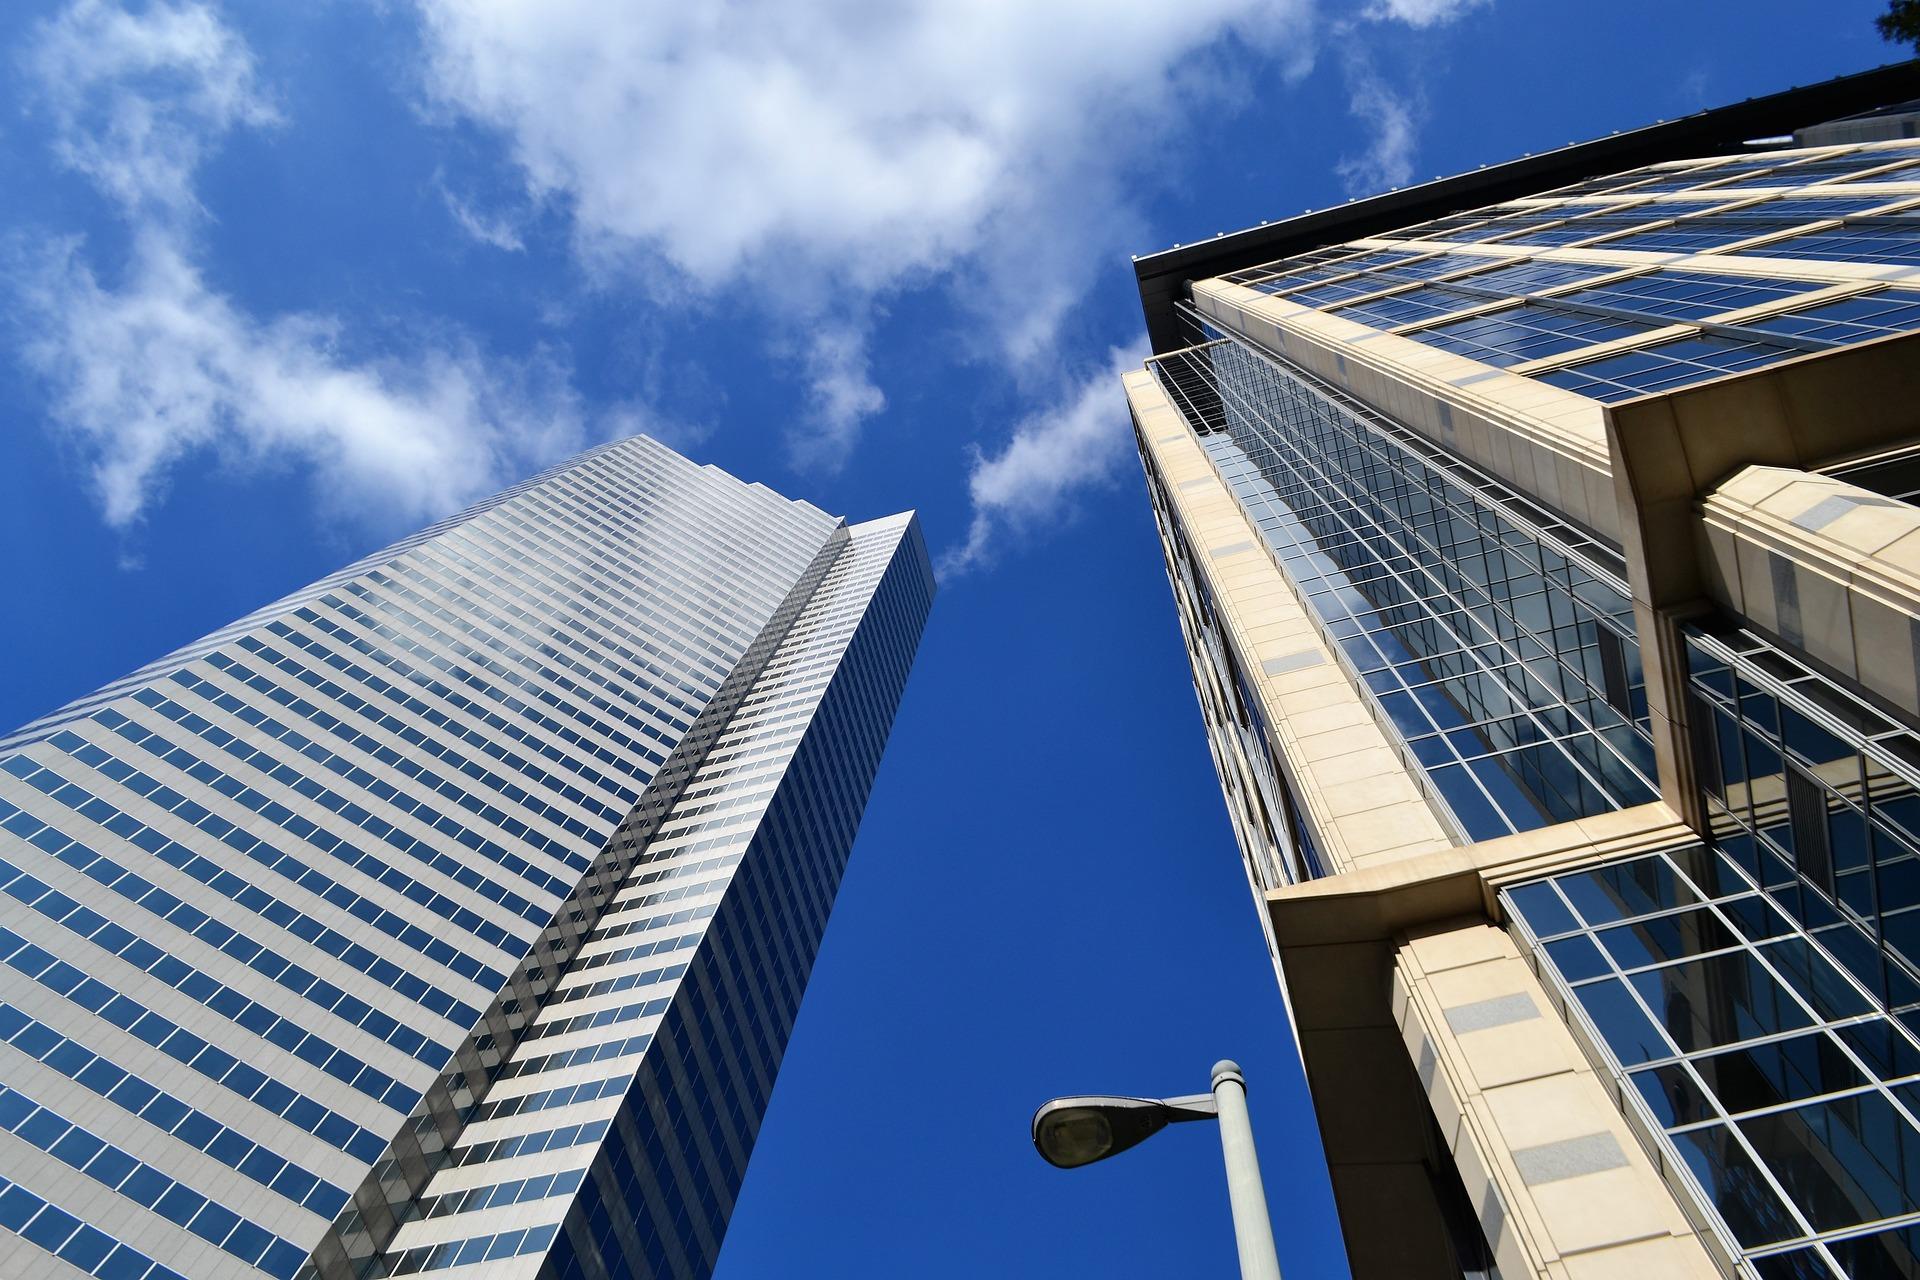 skyscraper-3196390_1920